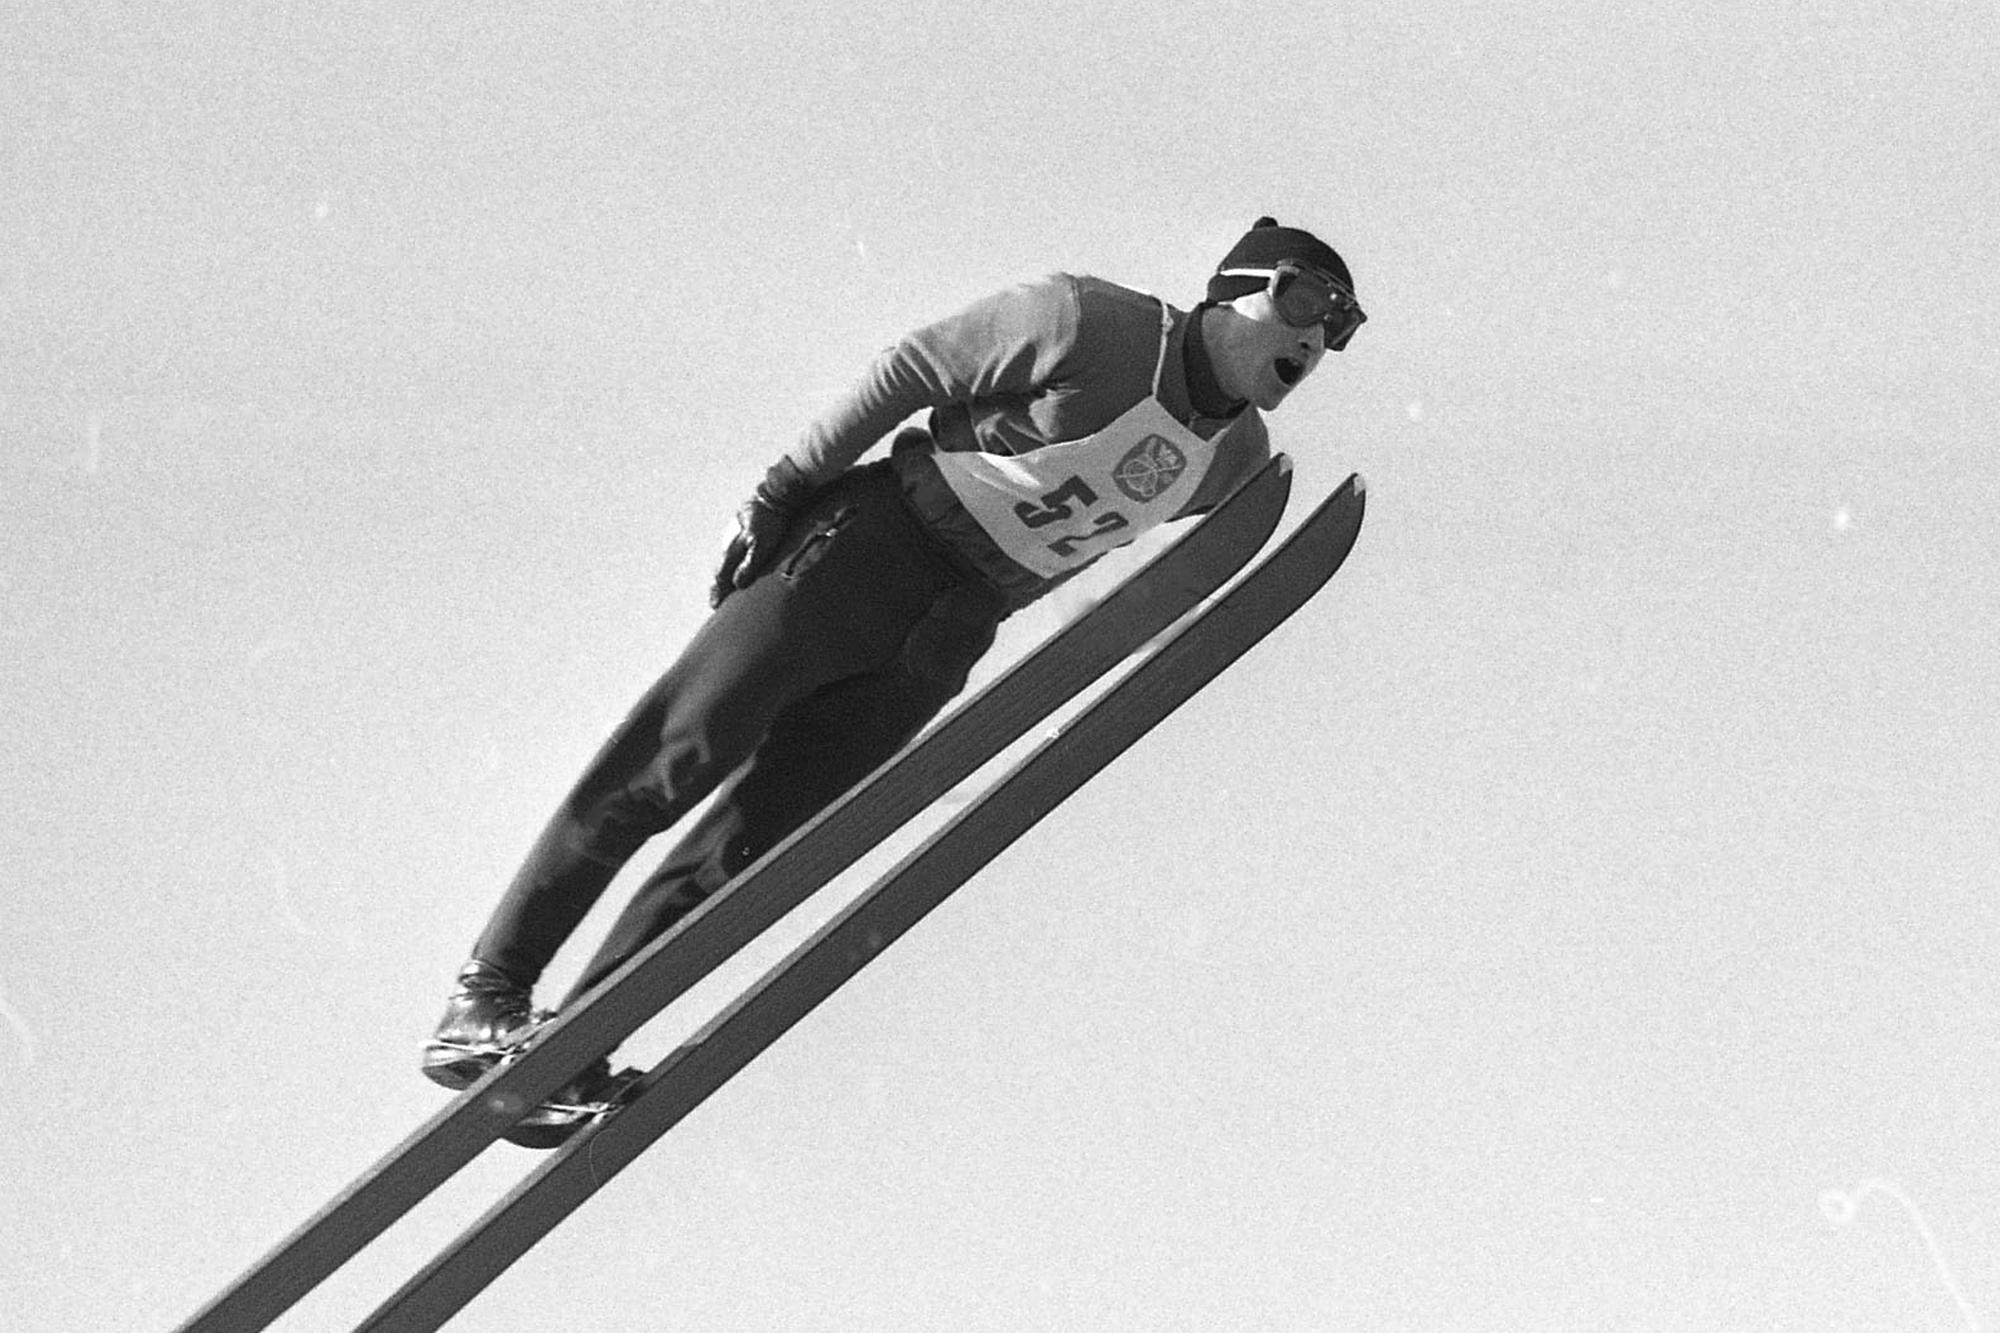 Zmarł Dieter Neuendorf, jeden z najlepszych niemieckich skoczków lat 60.